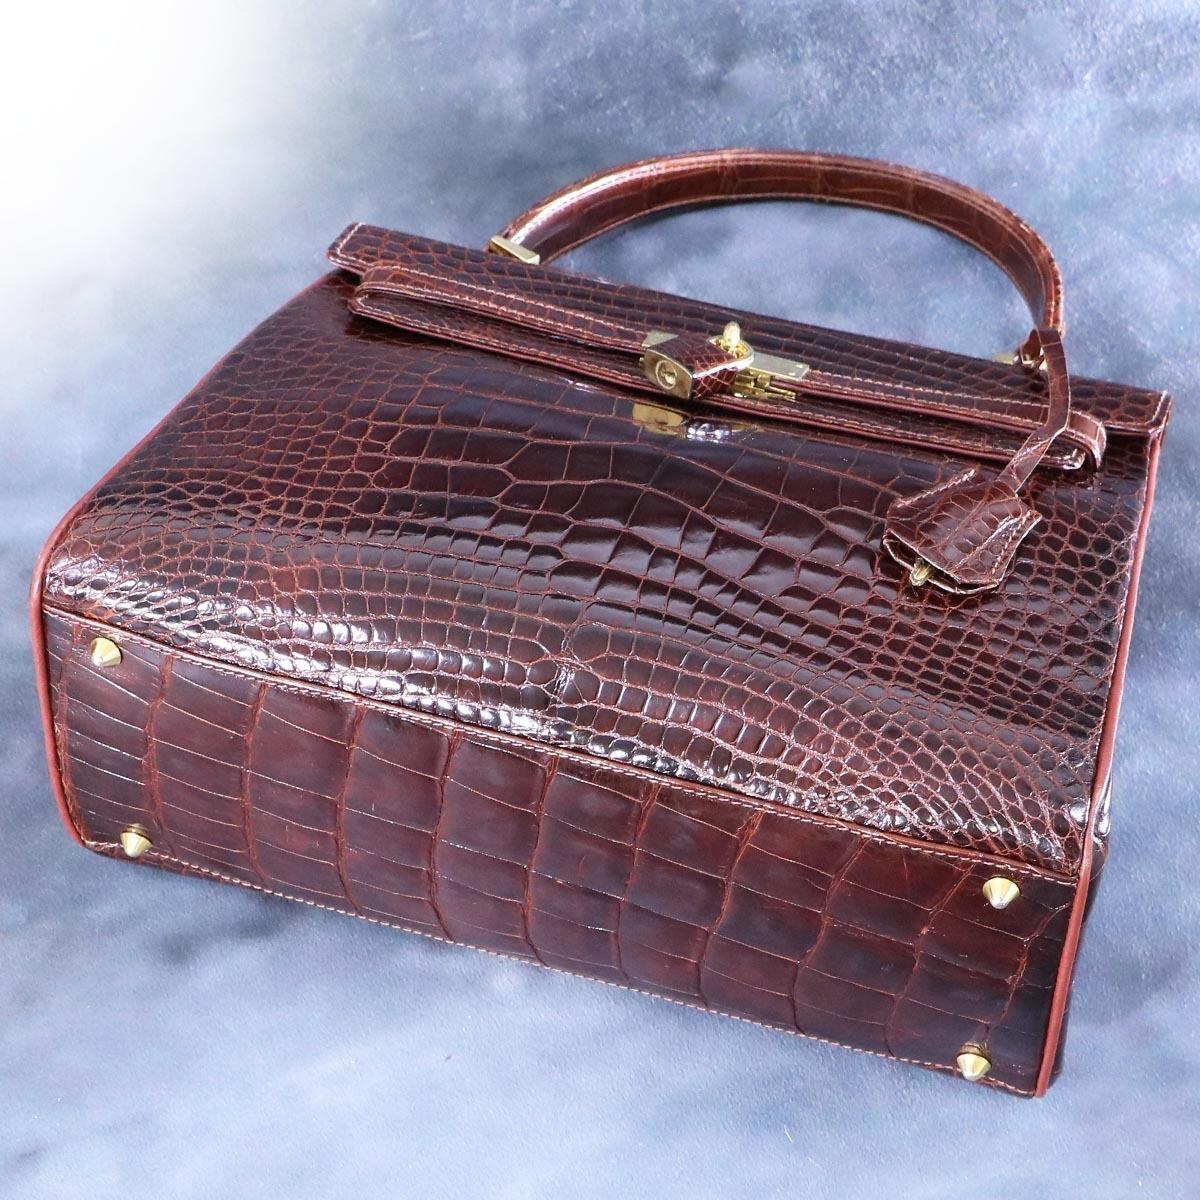 本物 超美品 最高級イタリア製 クロコダイルレザー 鍵付き ケリーバッグ ハンドバッグ 総ワニ革 クロコレザー トートバッグ_画像4